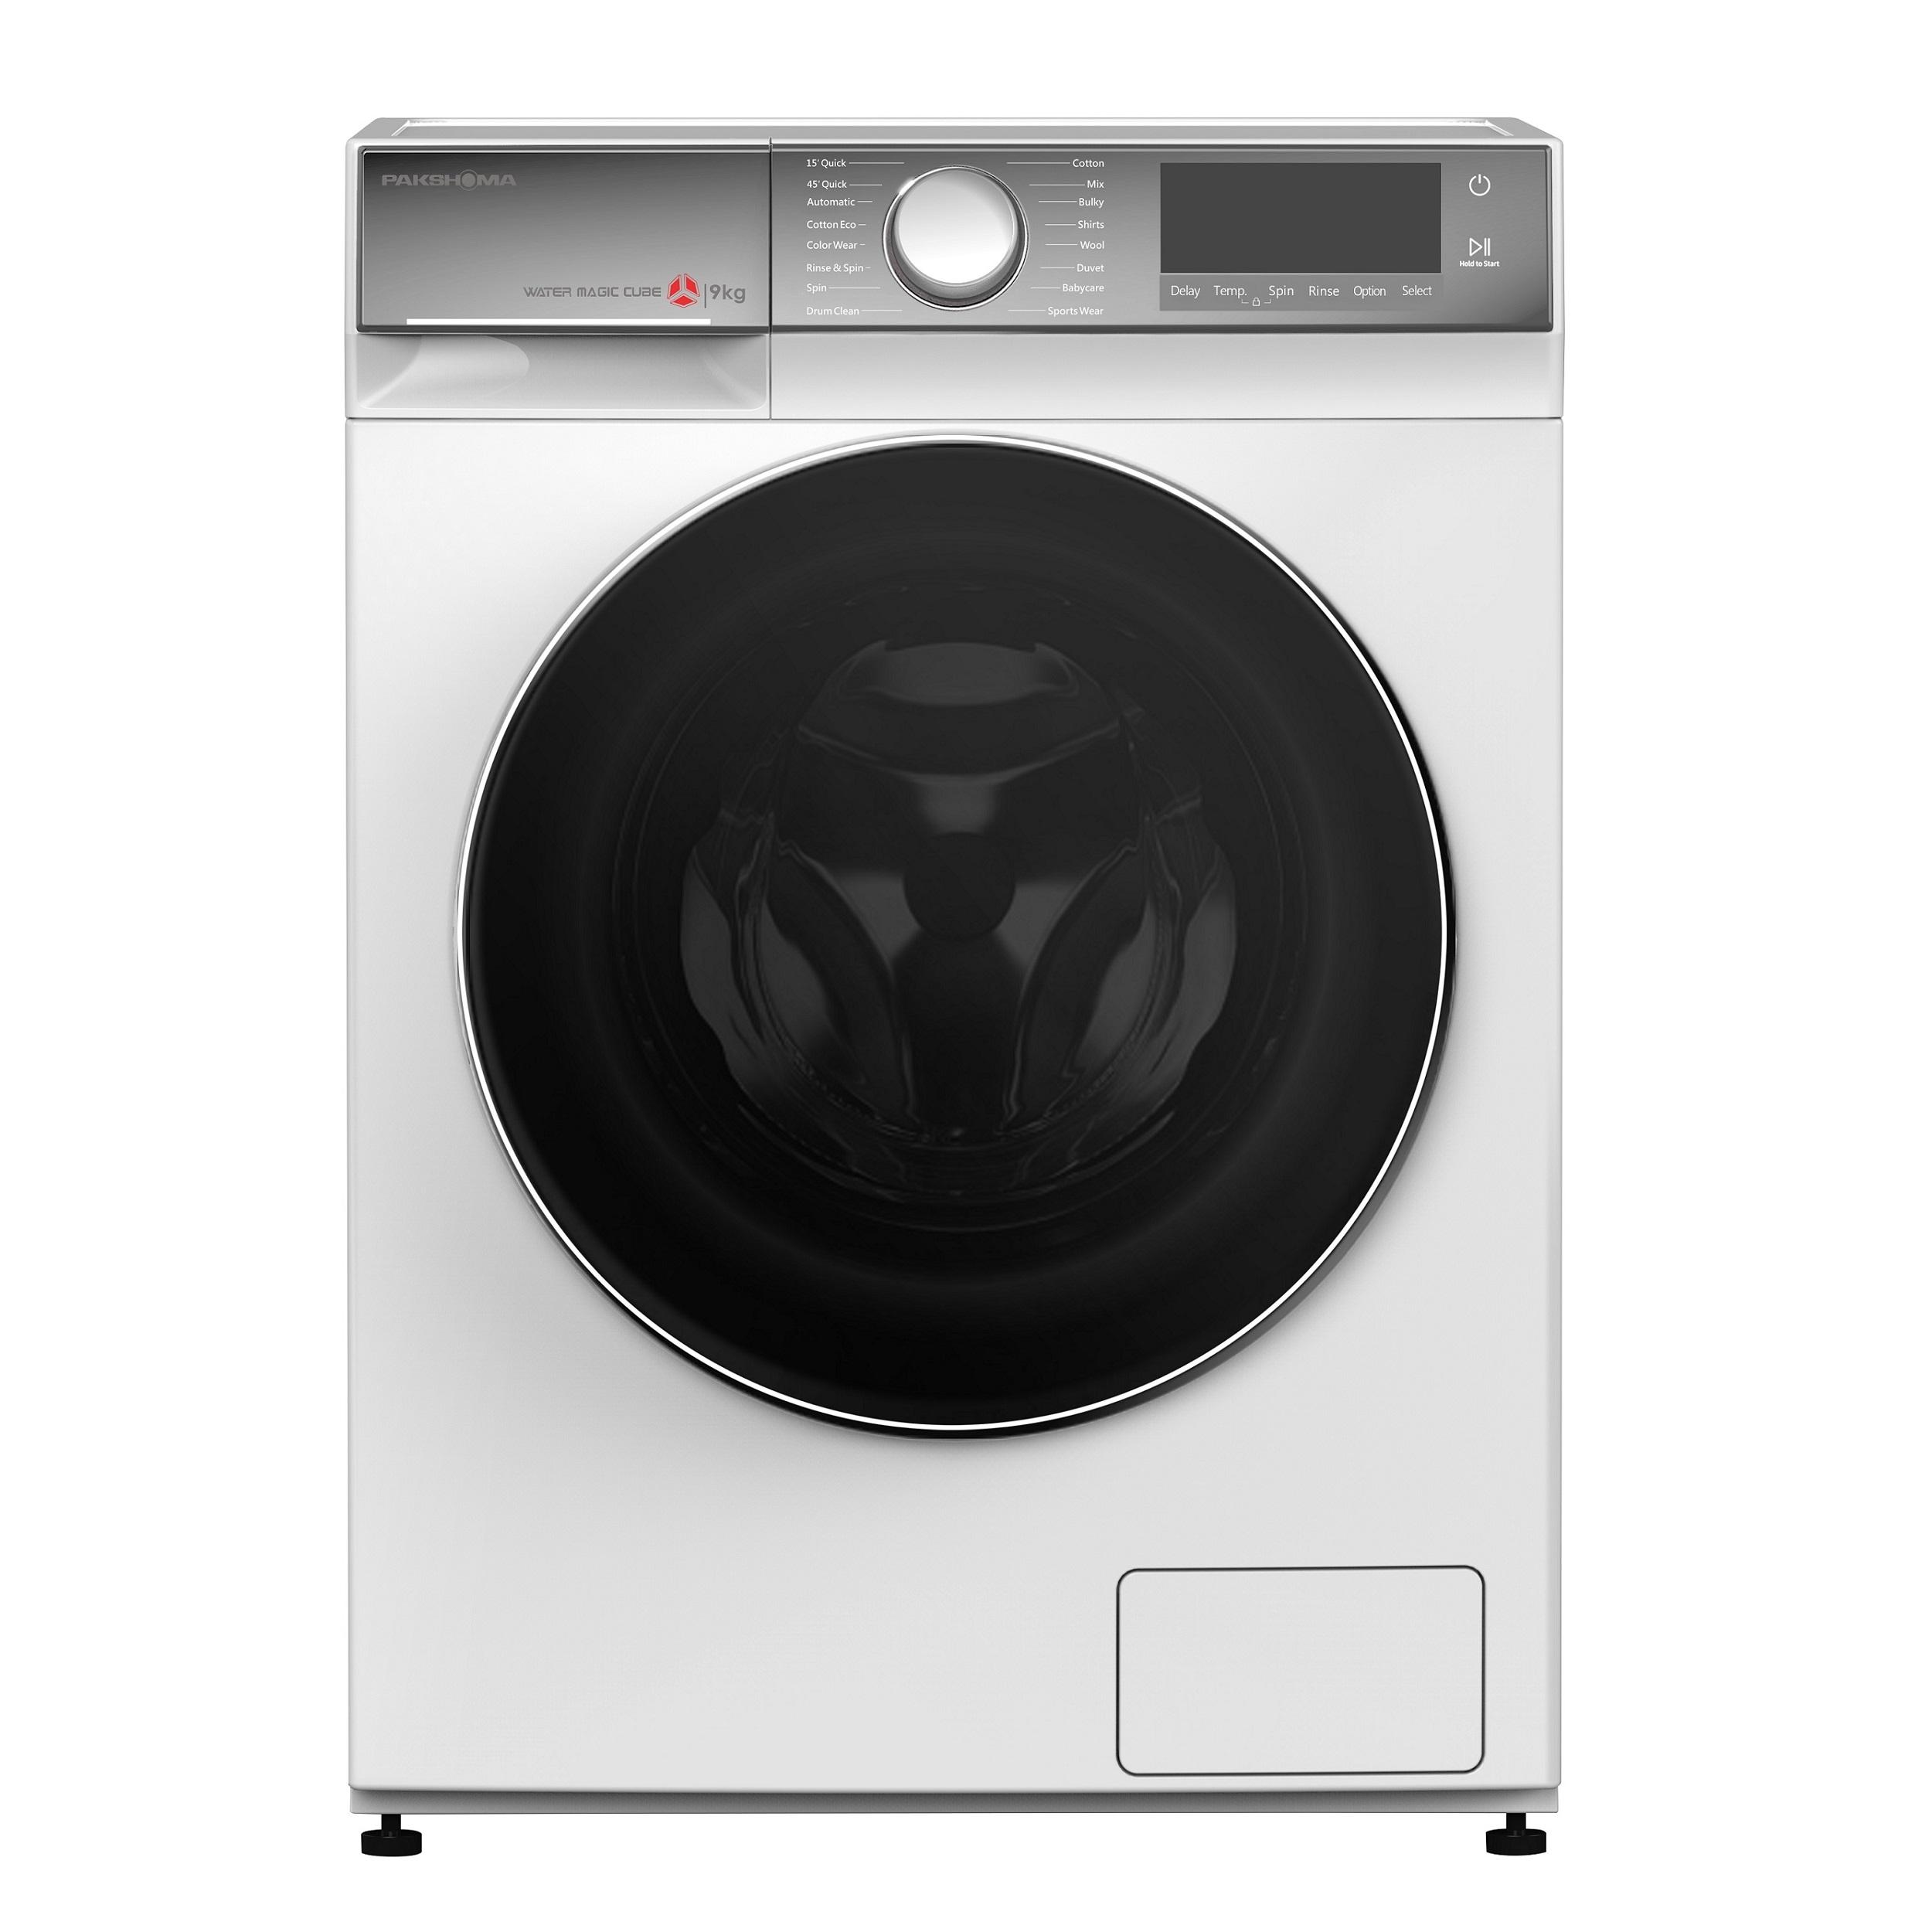 فروش نقدی و اقساطی ماشین لباسشویی پاکشوما مدل TFB-95402